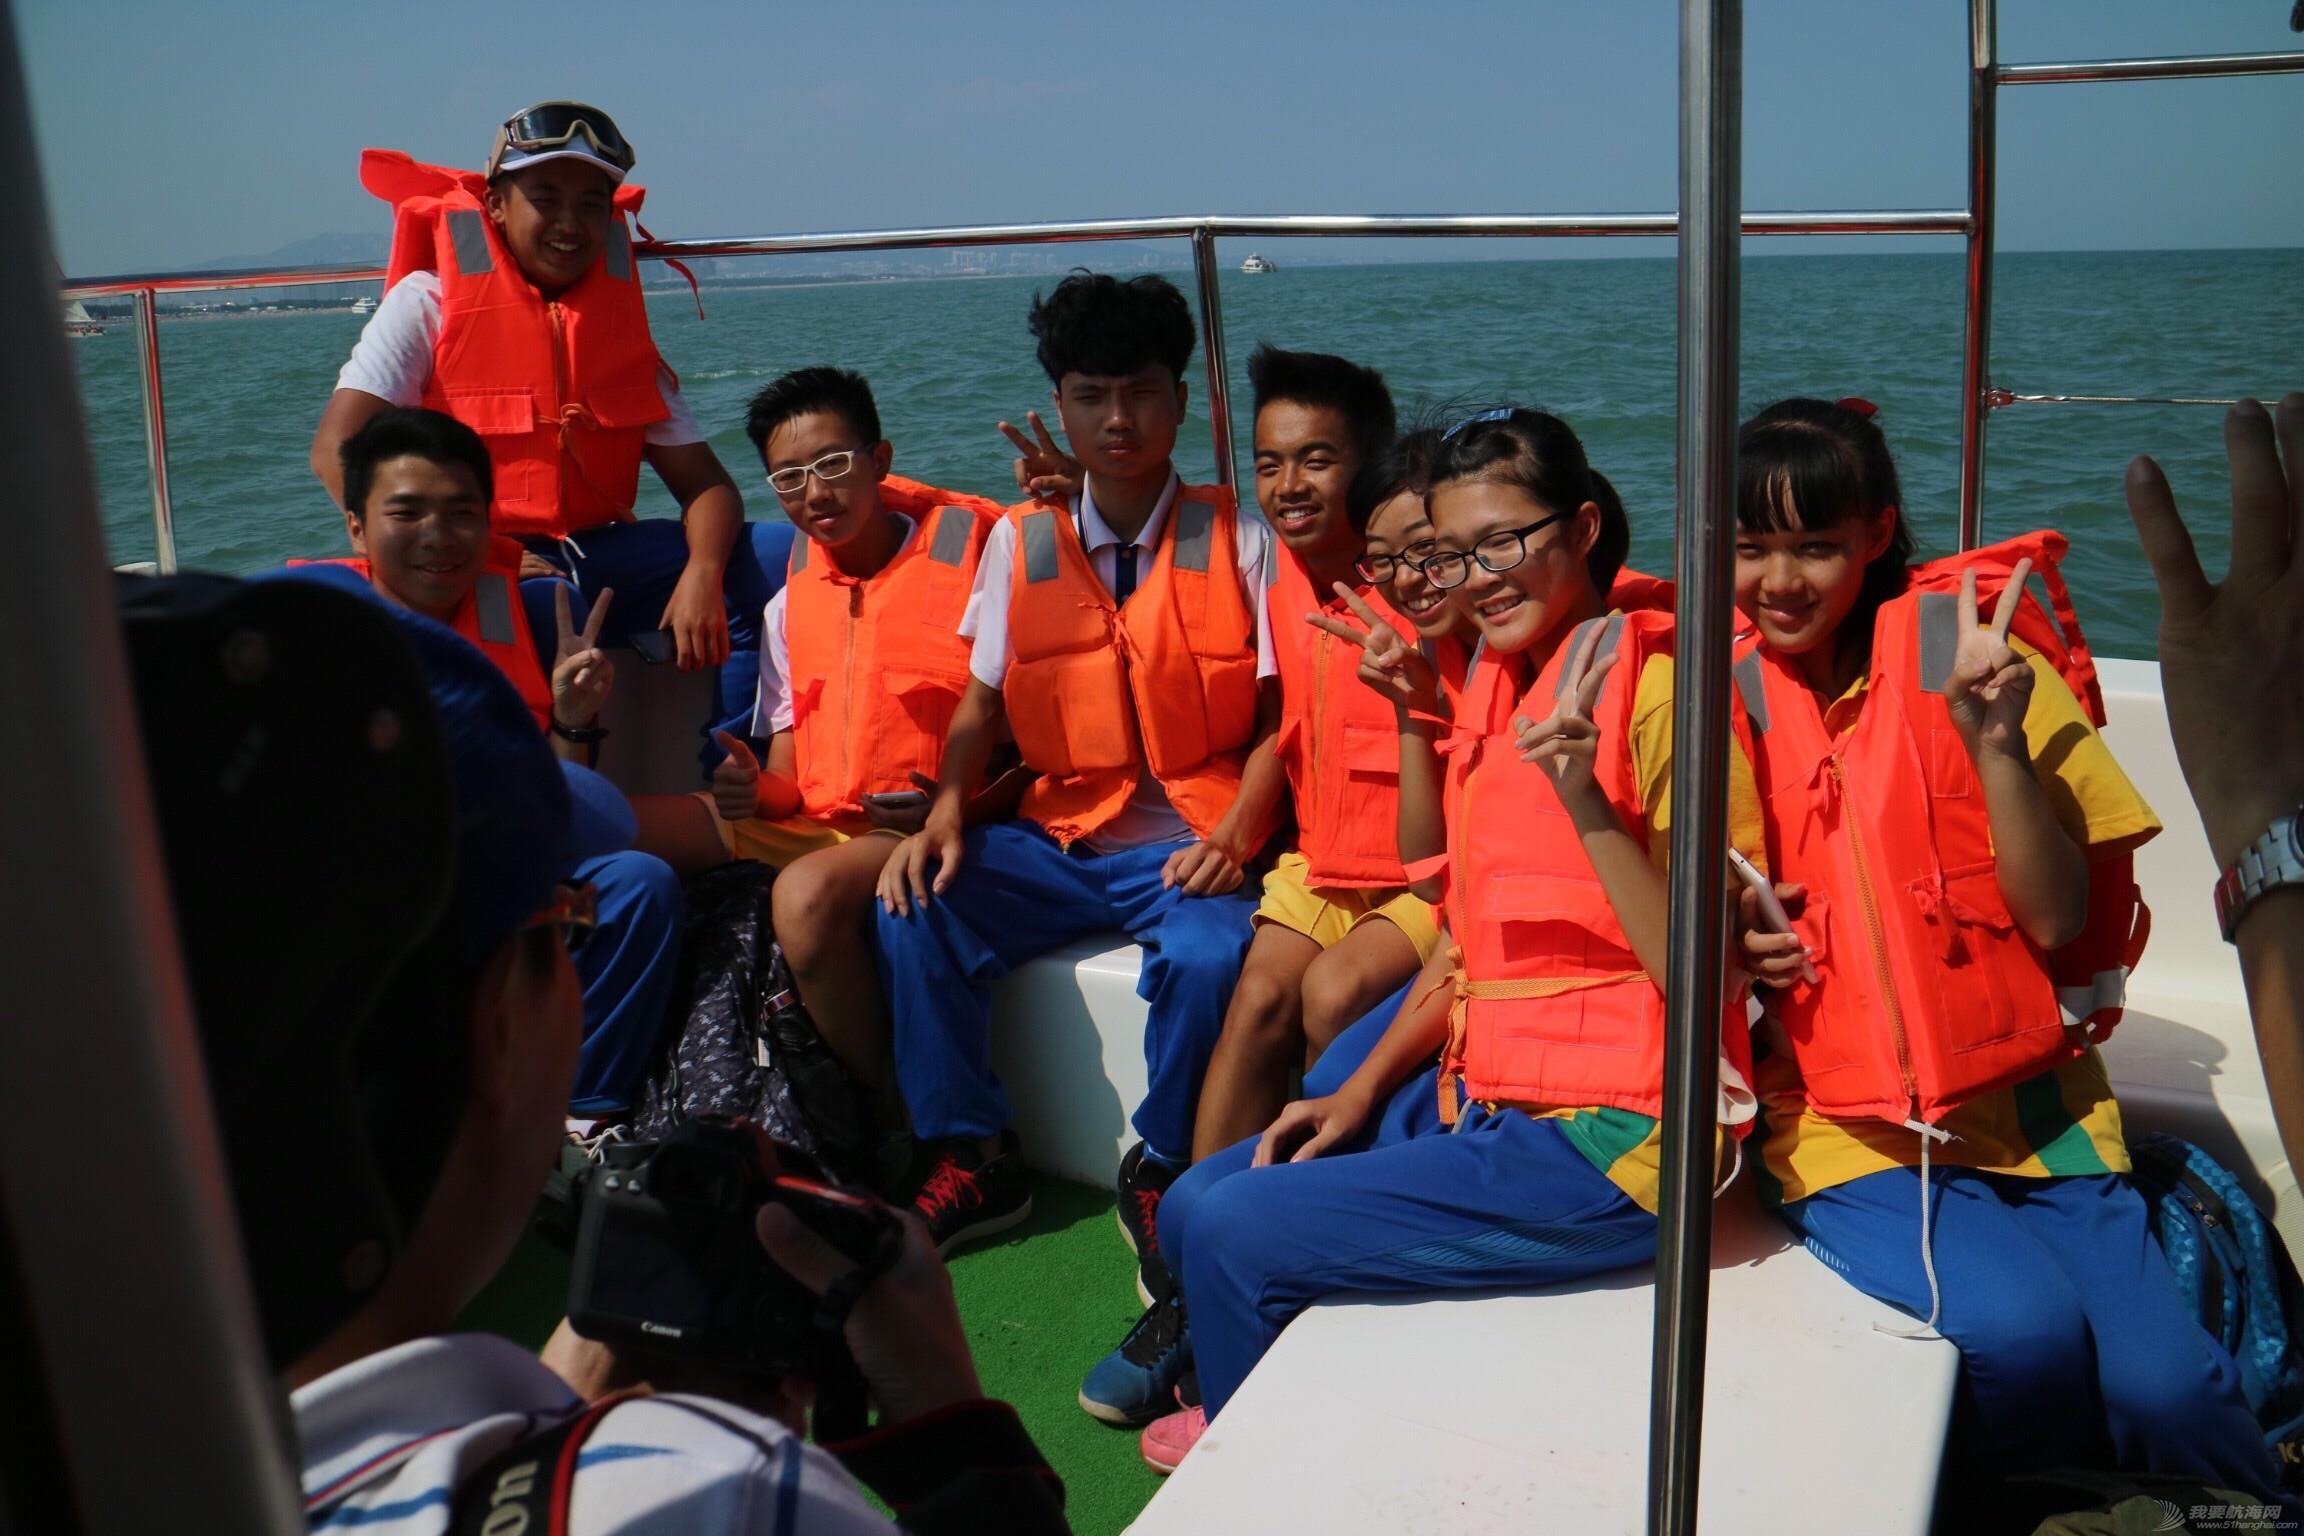 菲律宾,夏令营,志愿者,起跑线,原生态 cat的航海日志之(和夏令营的孩子们一起去航海) 7章节 image.jpg